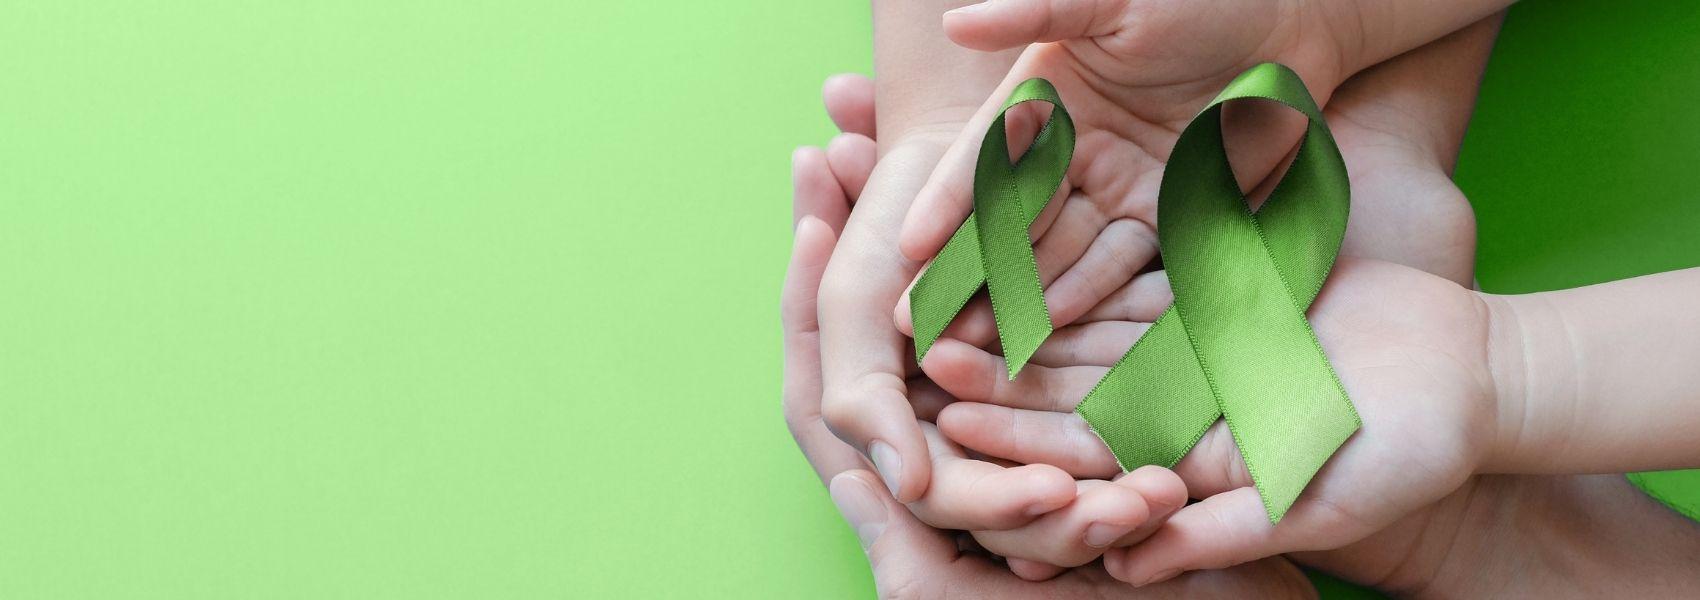 Conhecer o linfoma: sinais, sintomas e tratamento